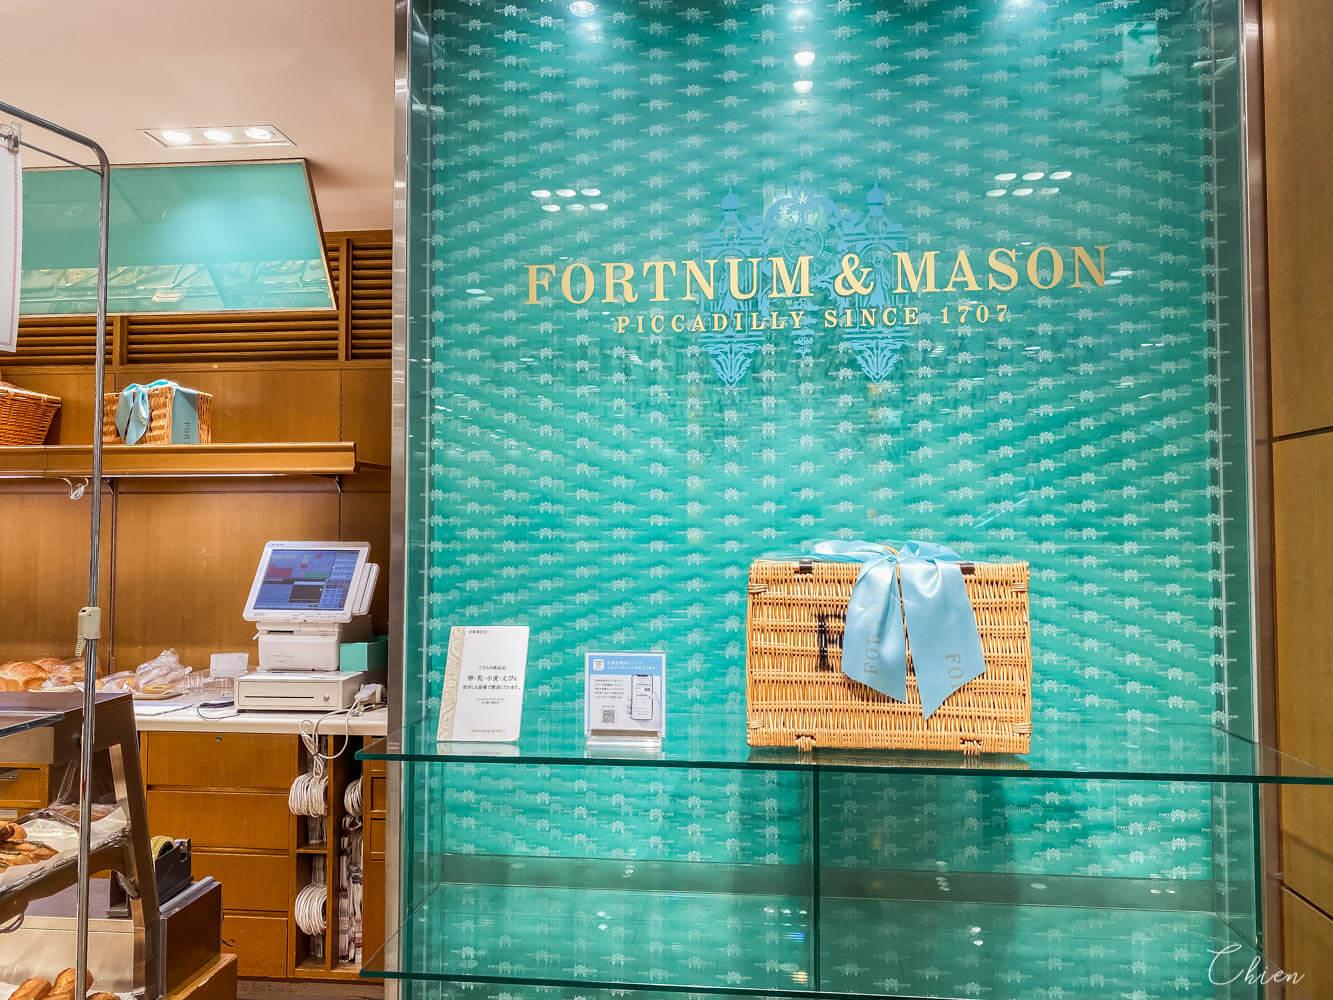 日本三越本店 地下美食街:Fortnum&Mason Concept Shop